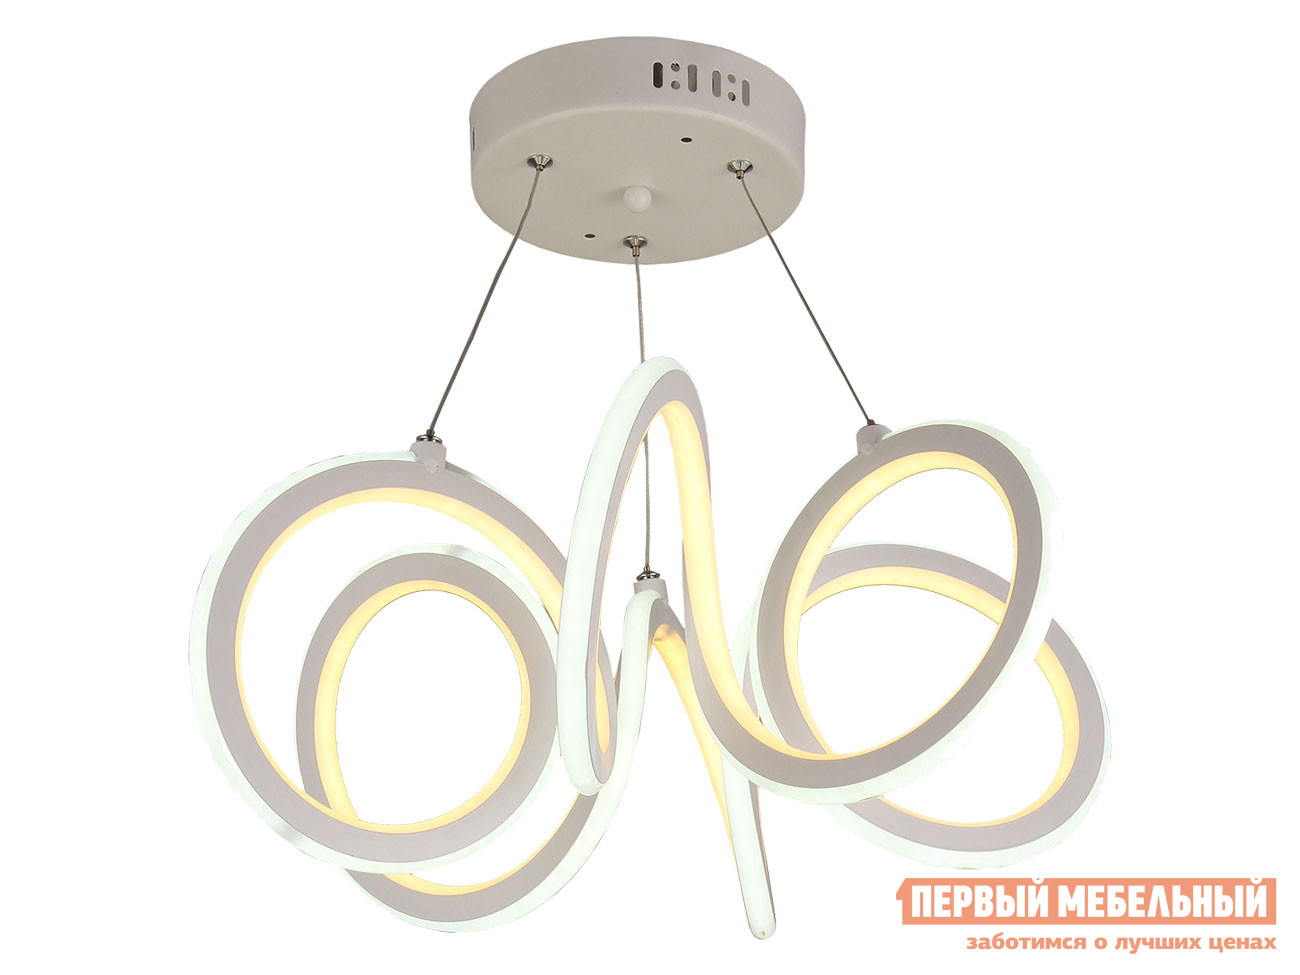 Люстра  подвесная PLS-7001-500 LED 138W, пульт ДУ Белый Электросвет 124394